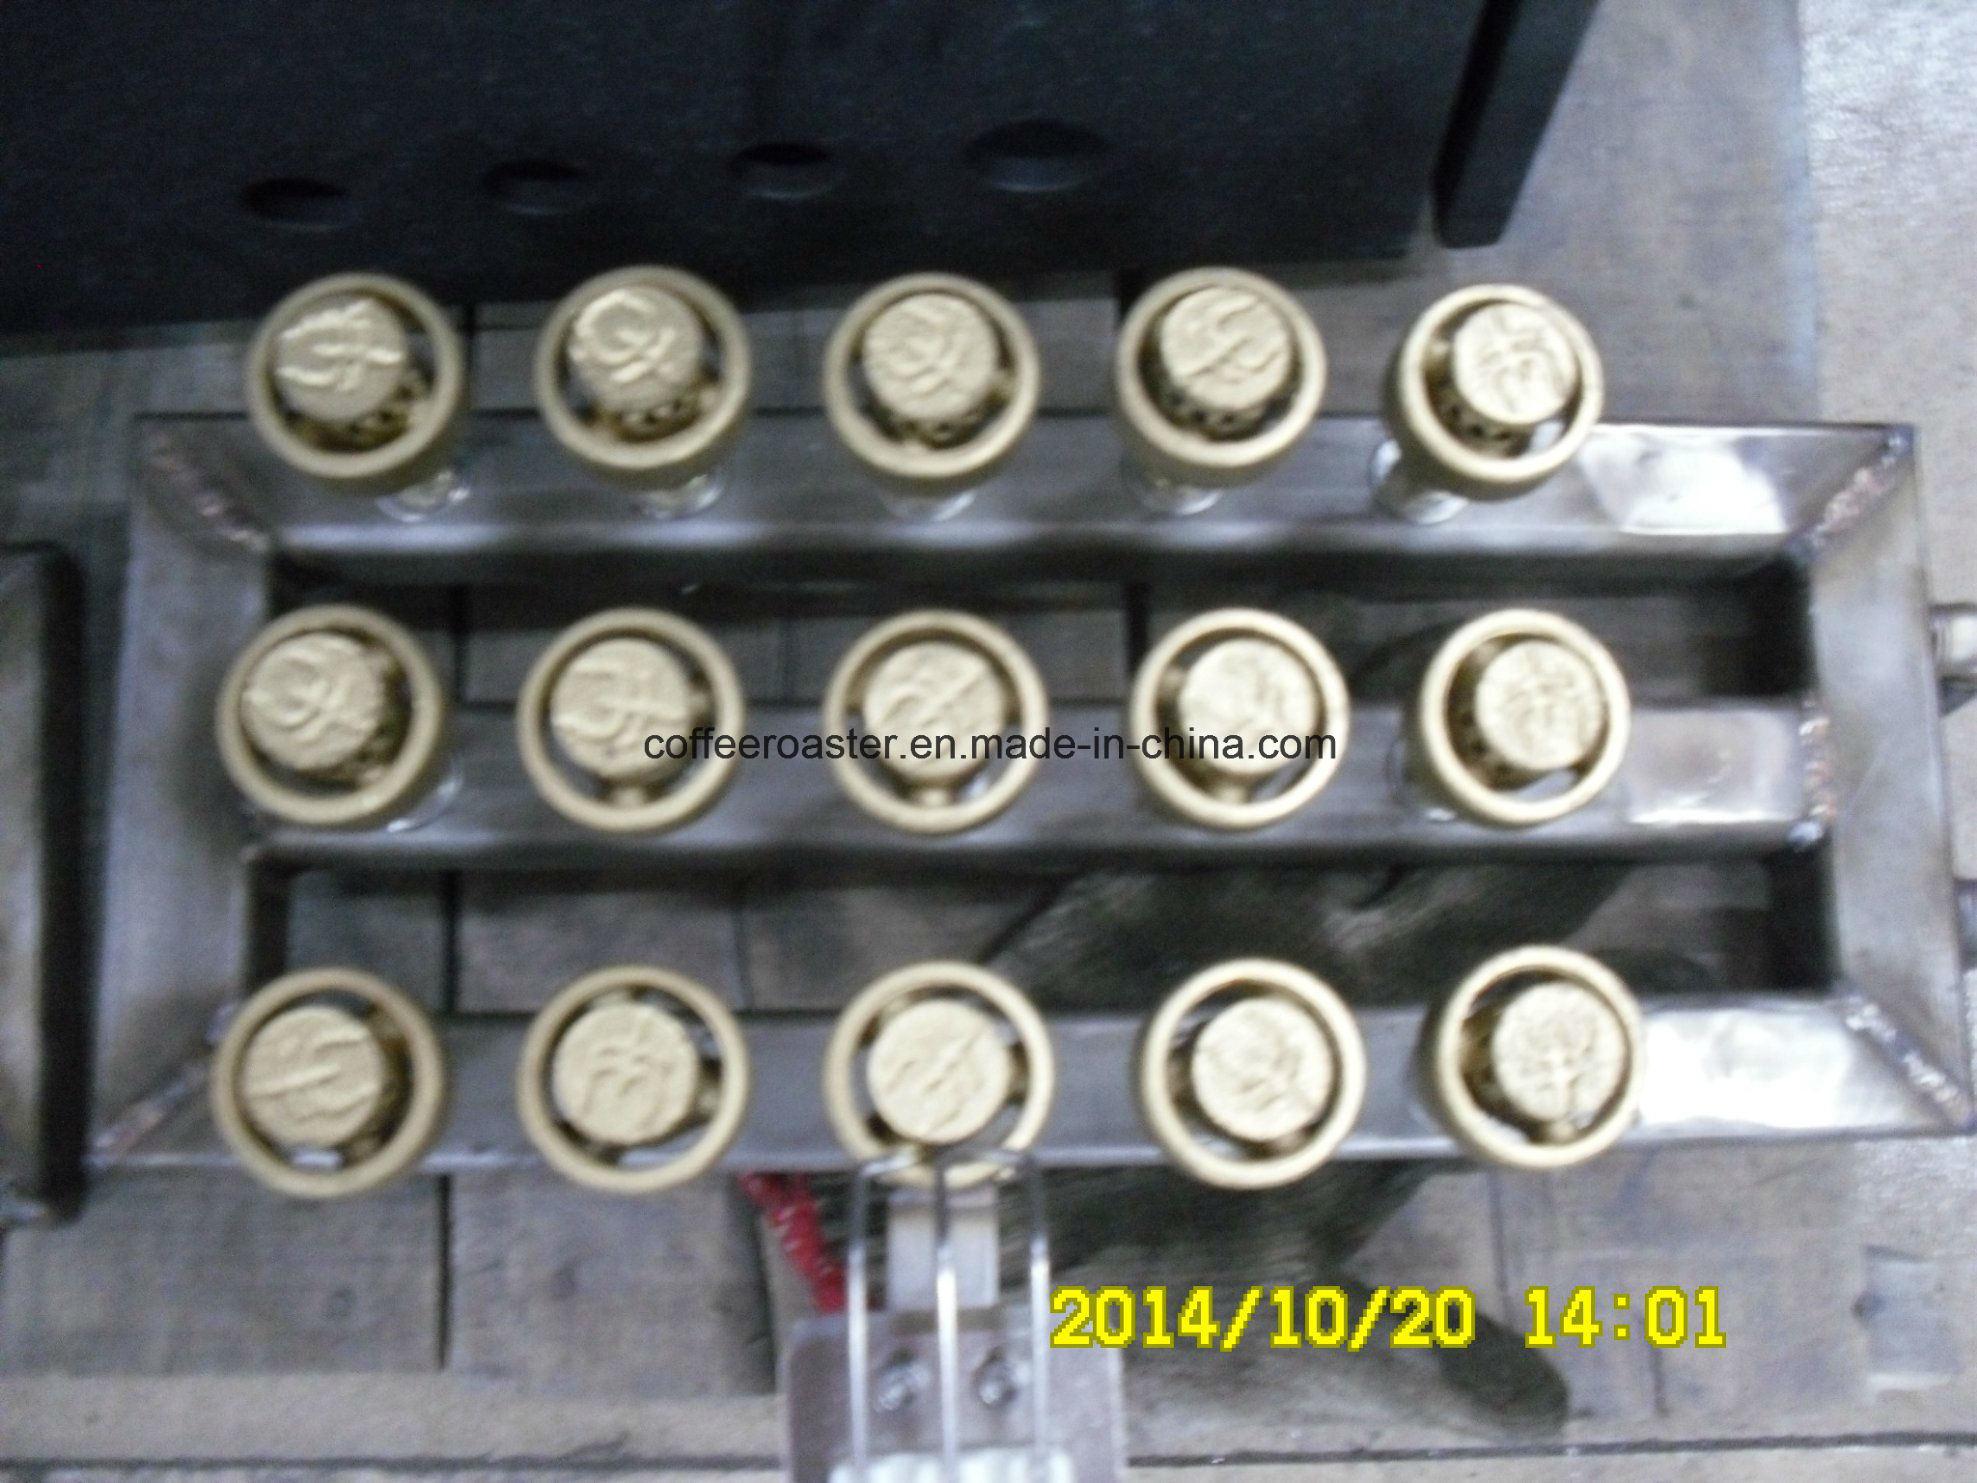 10kg Commercial Coffee Roaster/10kg Industrial Coffee Roaster